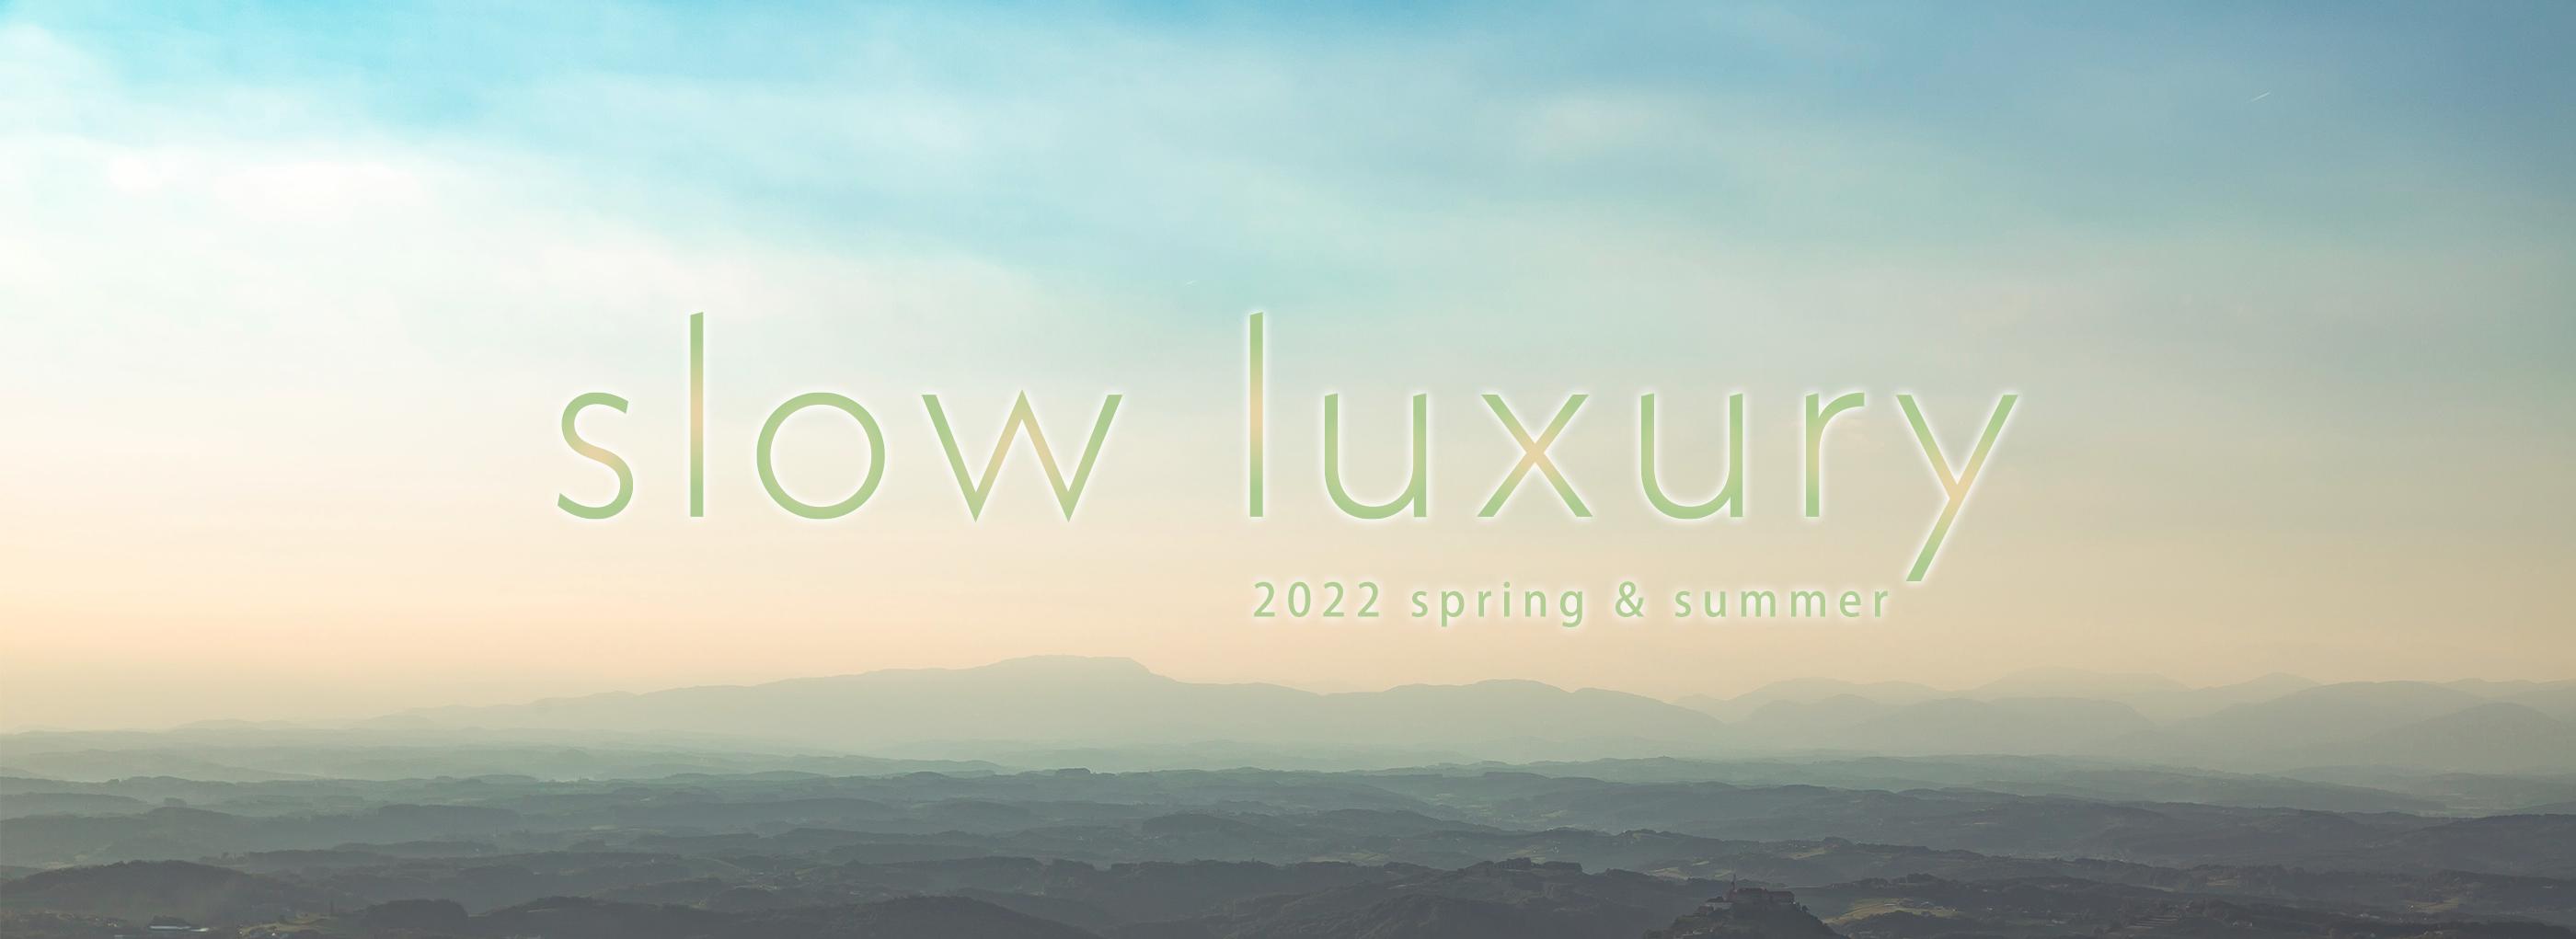 2022ss slow luxry 2022春夏 ファッショントレンド